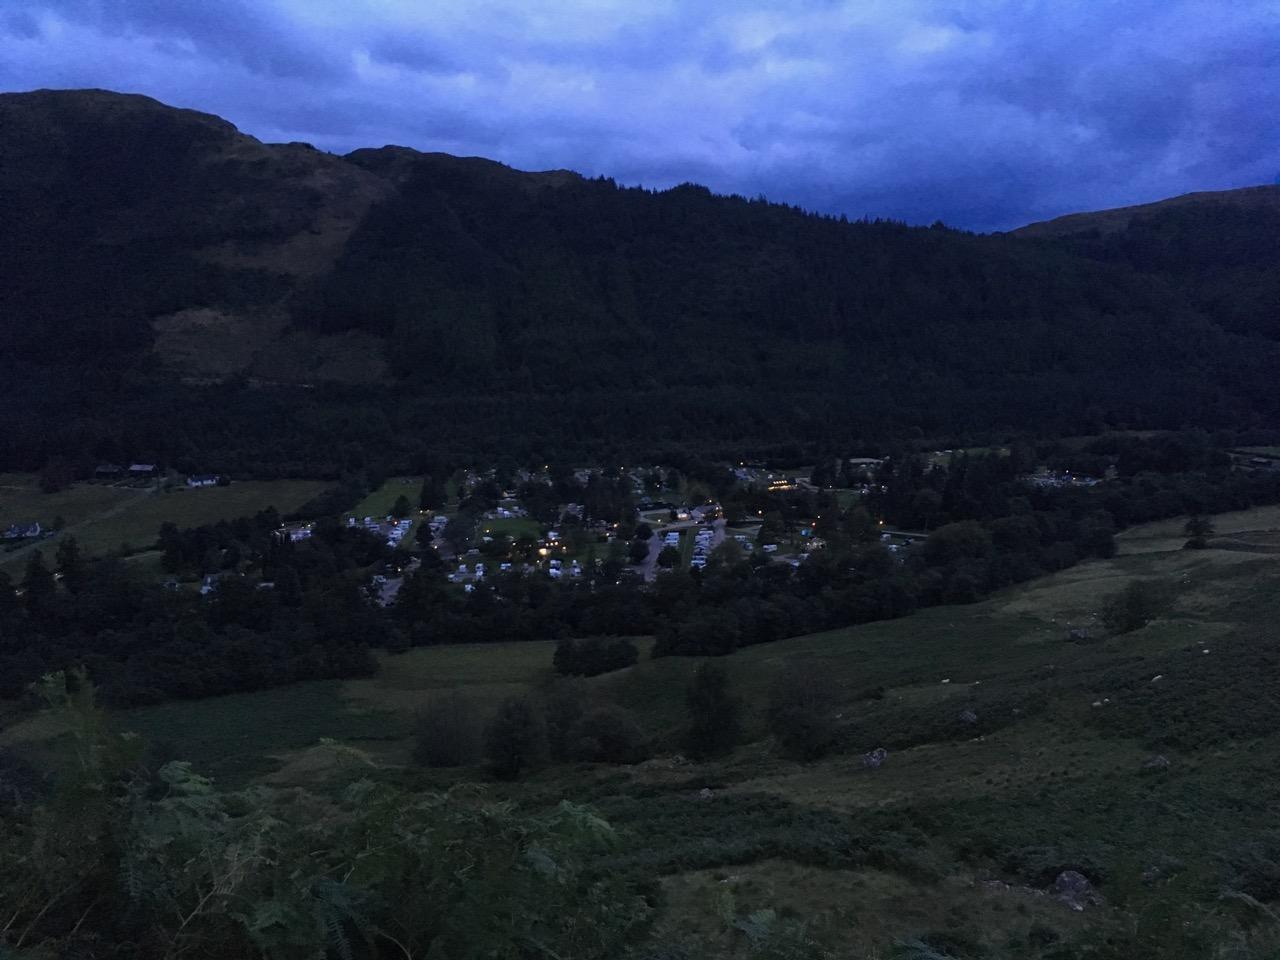 快到山脚的时候刚好天黑